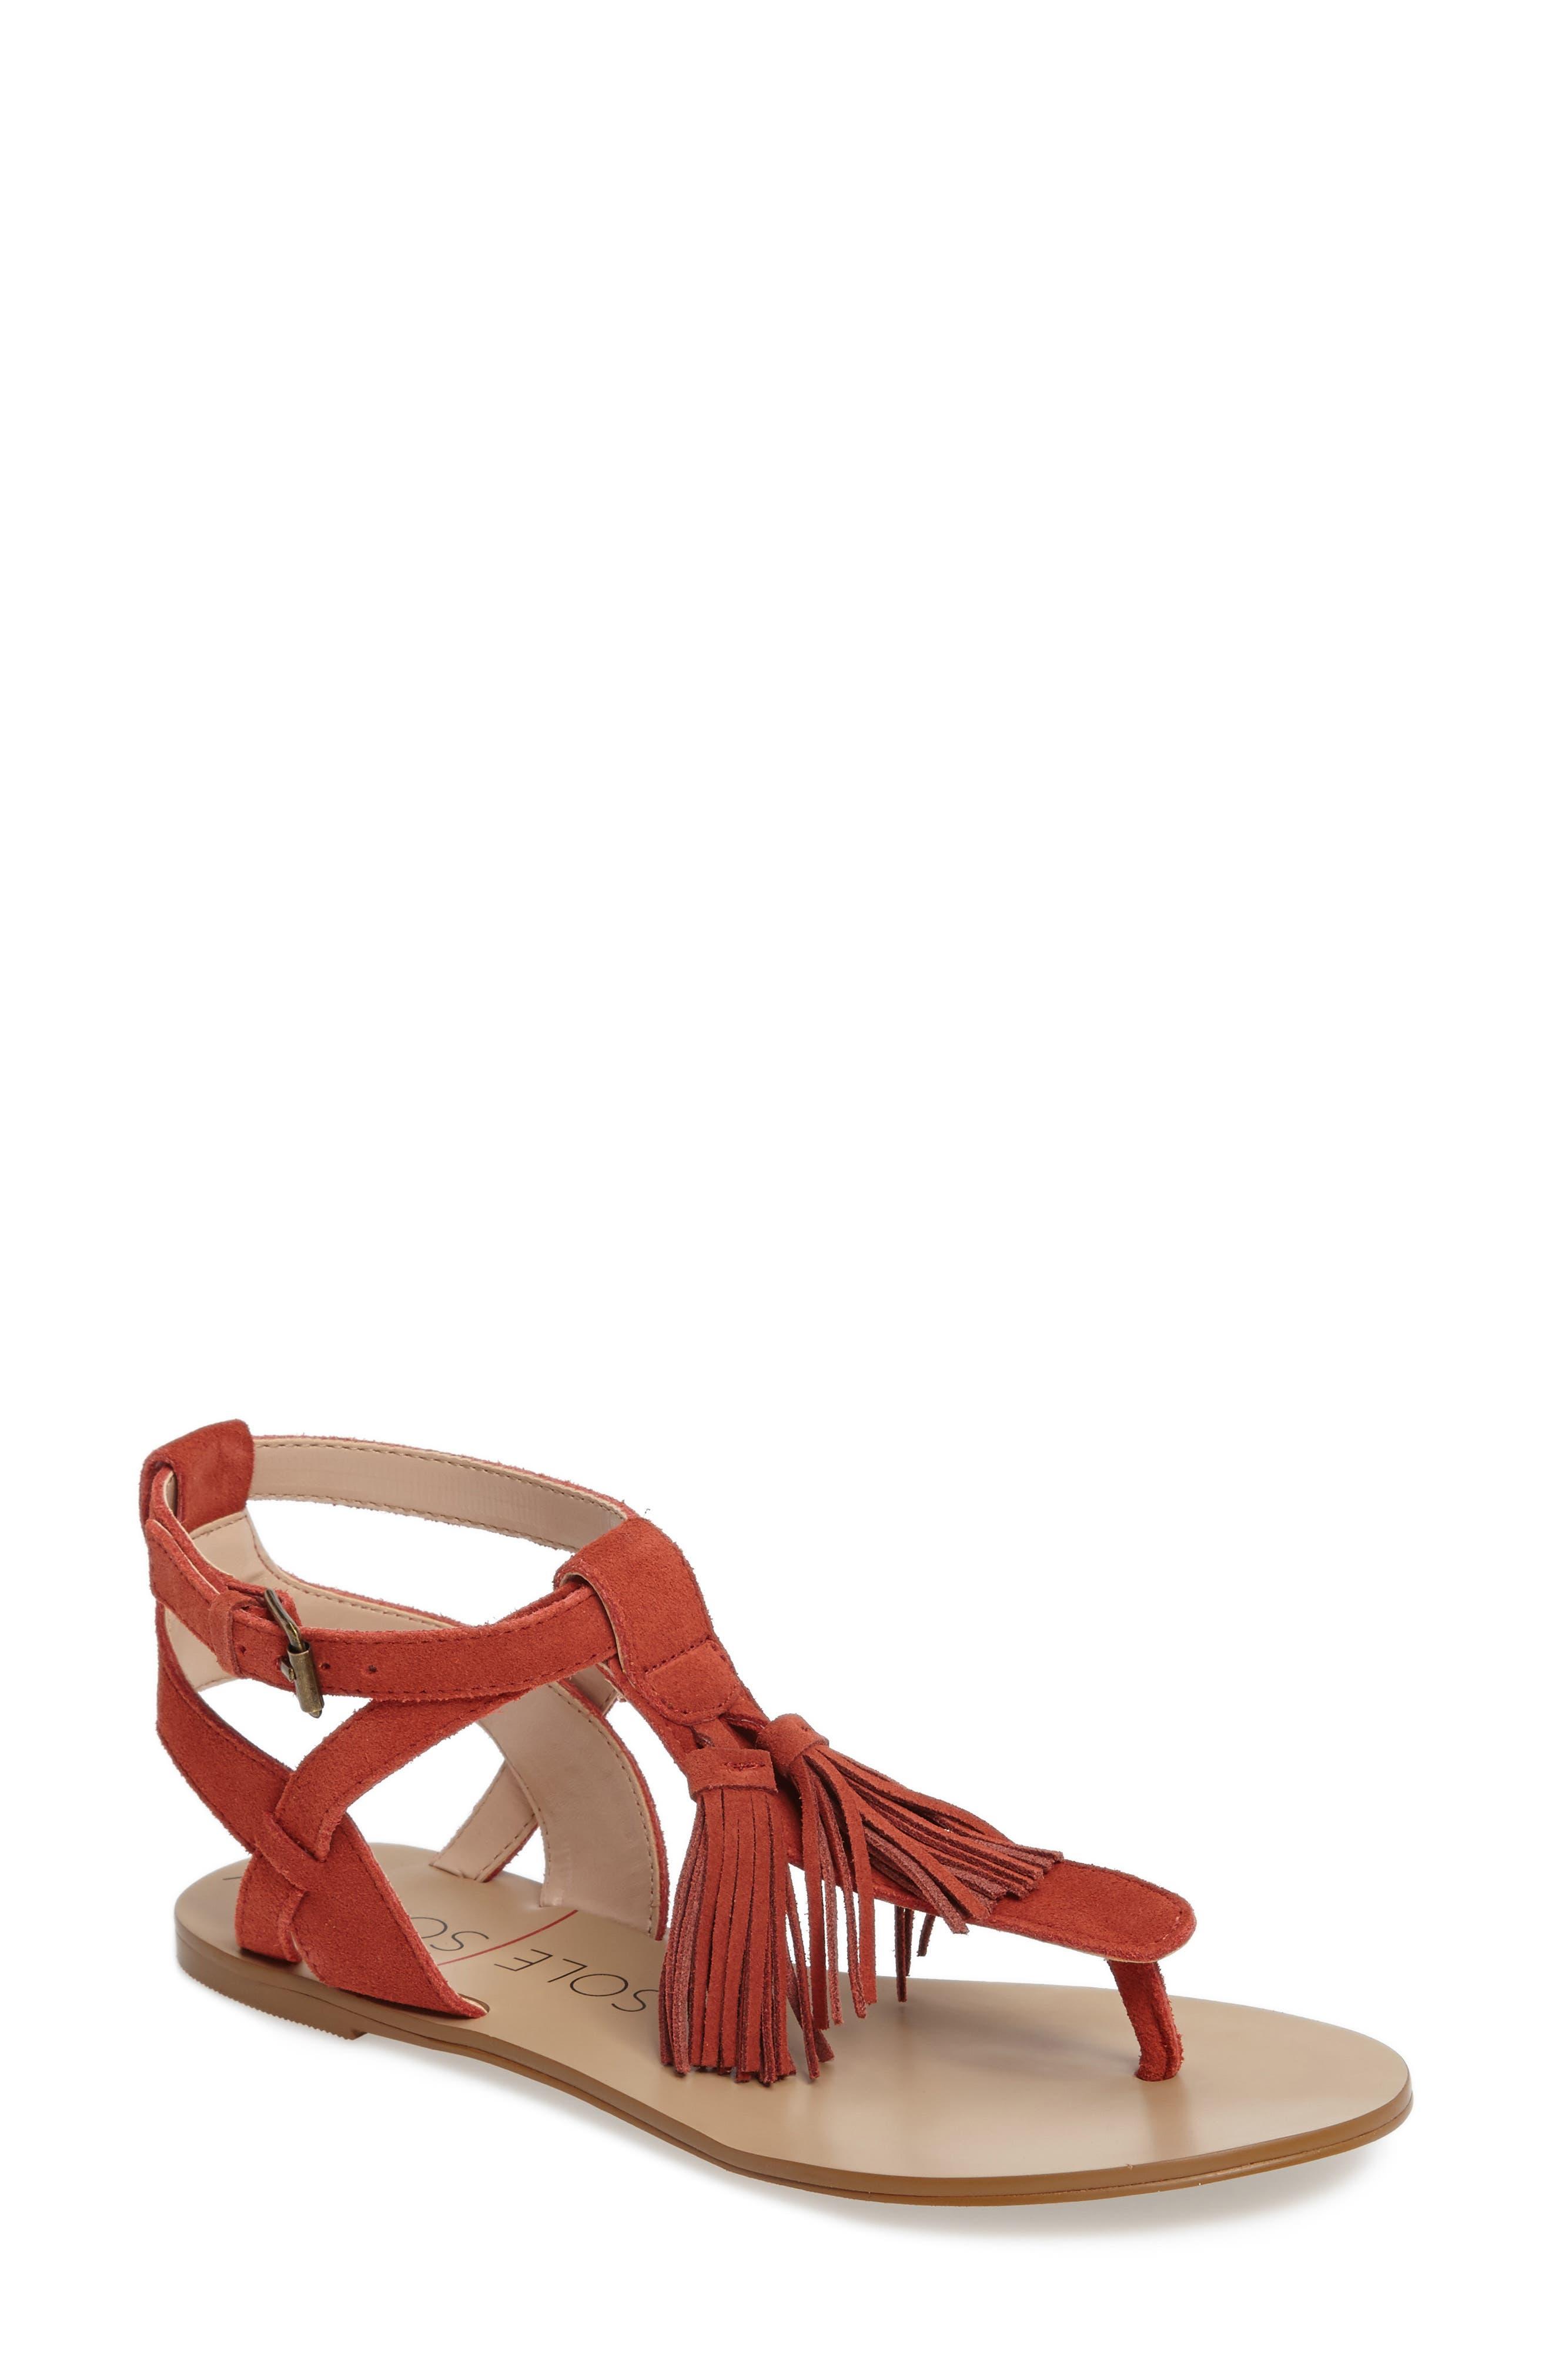 Alternate Image 1 Selected - Sole Society 'Pandora' Fringe Sandal (Women)